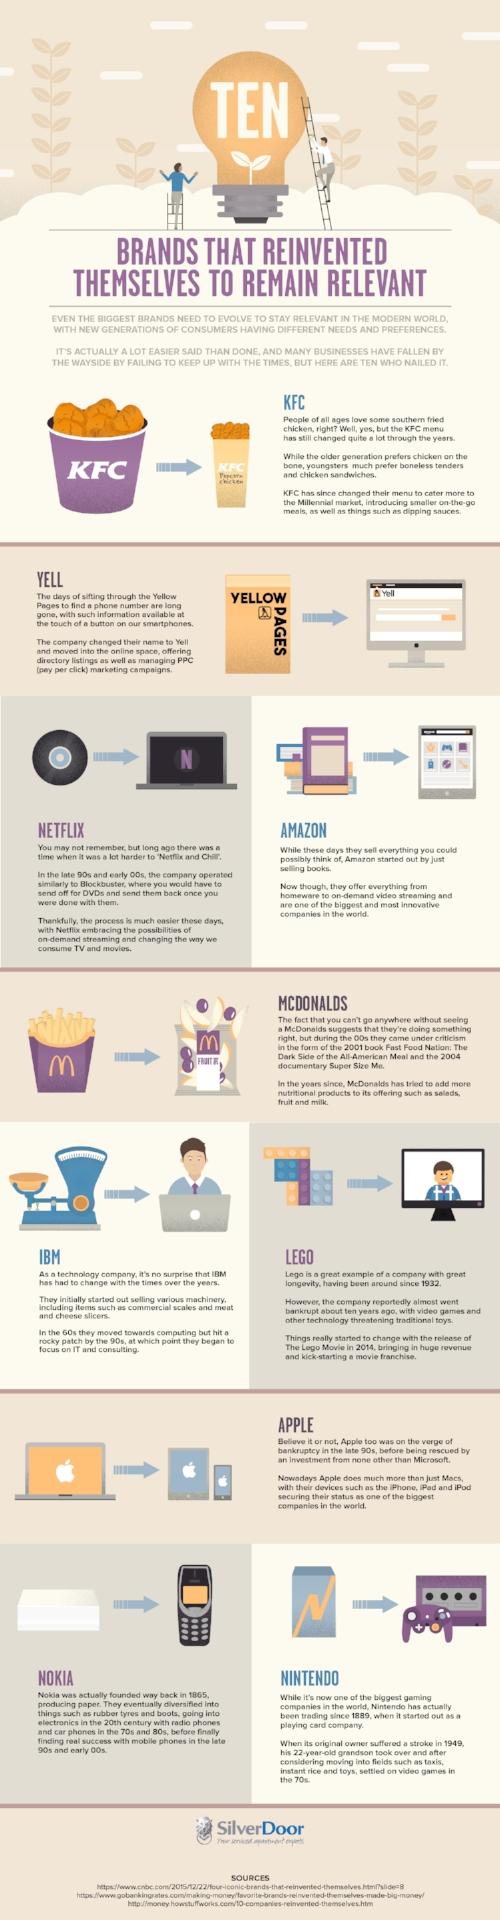 reinvented-brands.jpg